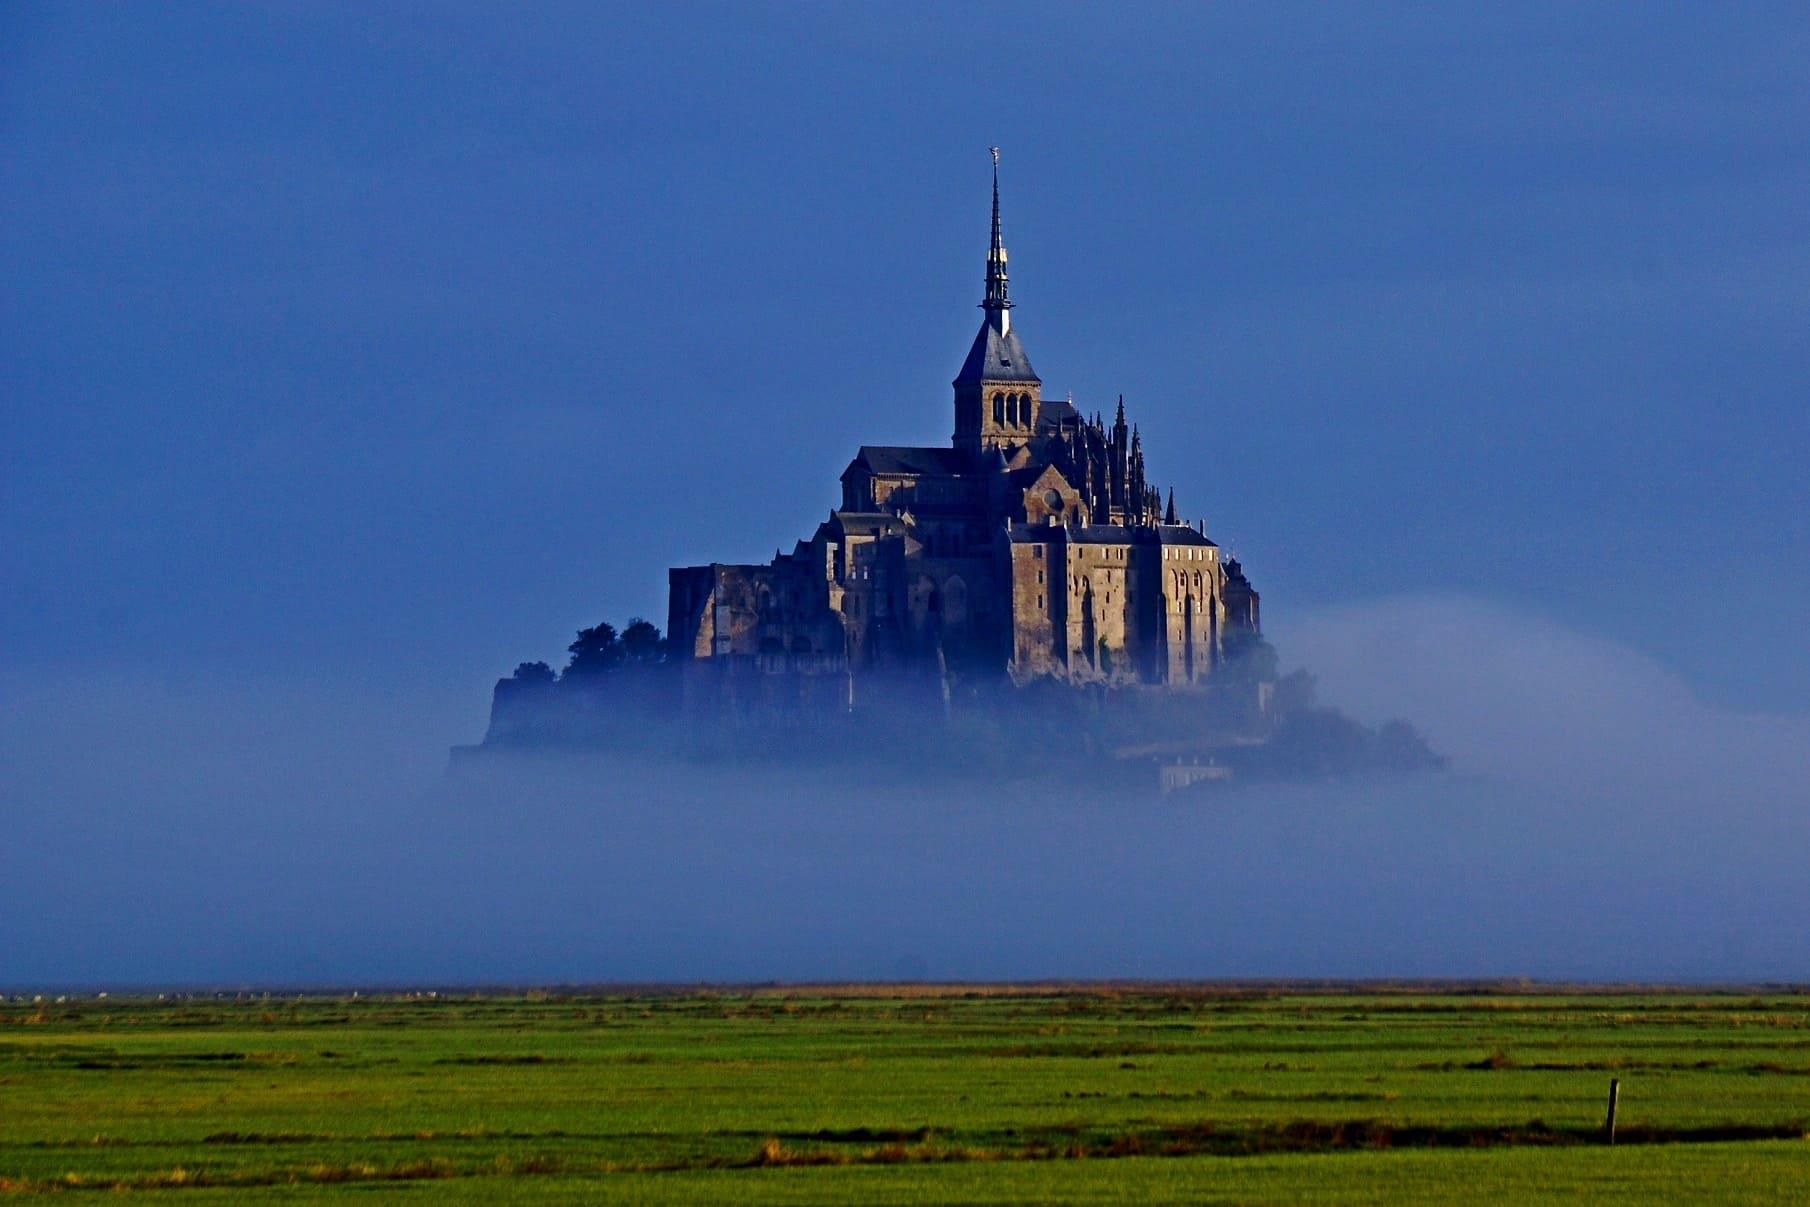 Paris: Mont Saint-Michel — Fougères Private Trip by Minivan, Abbey Visit & Cider Tasting, Hotel Pick-up